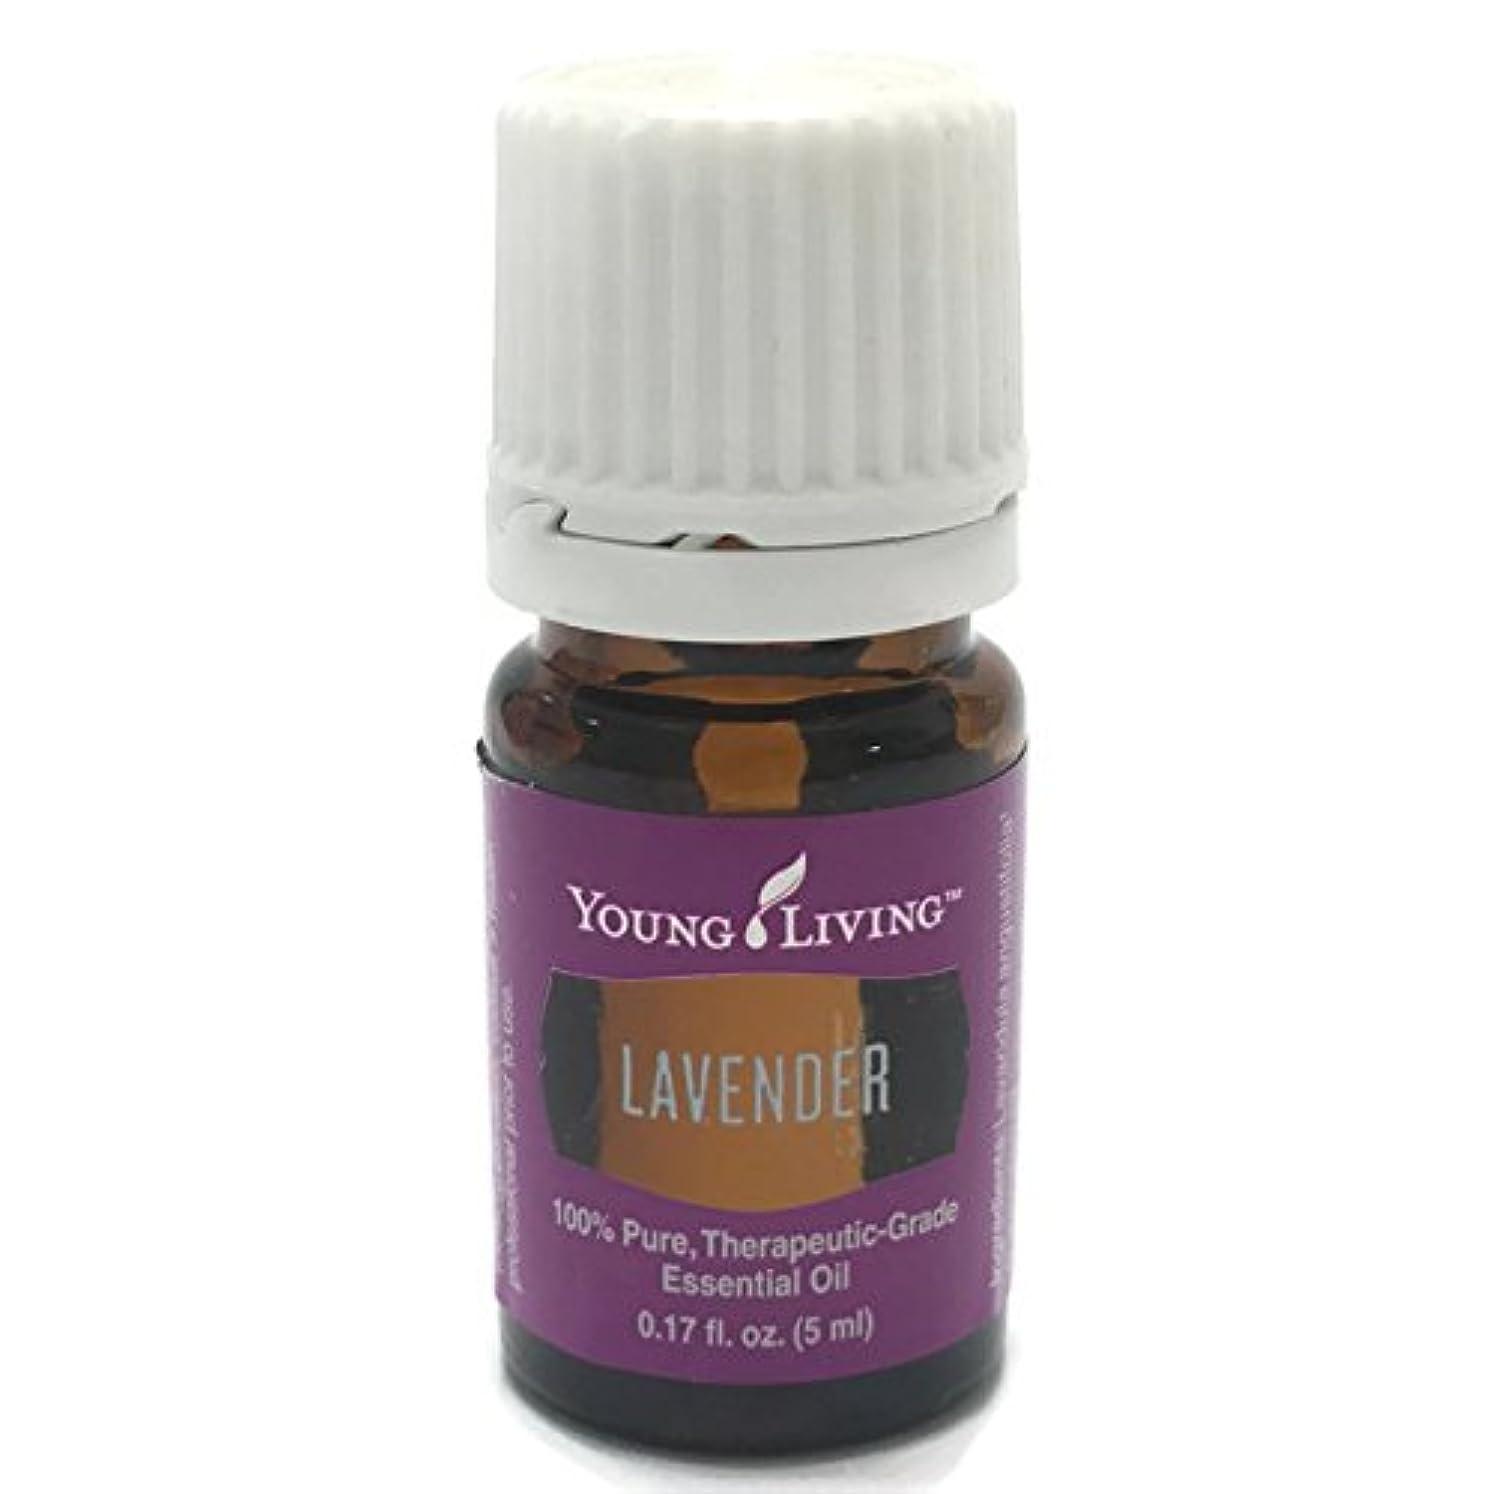 呪い運河オプションヤングリビング Young Living ラベンダー Lavender エッセンシャルオイル 5ml